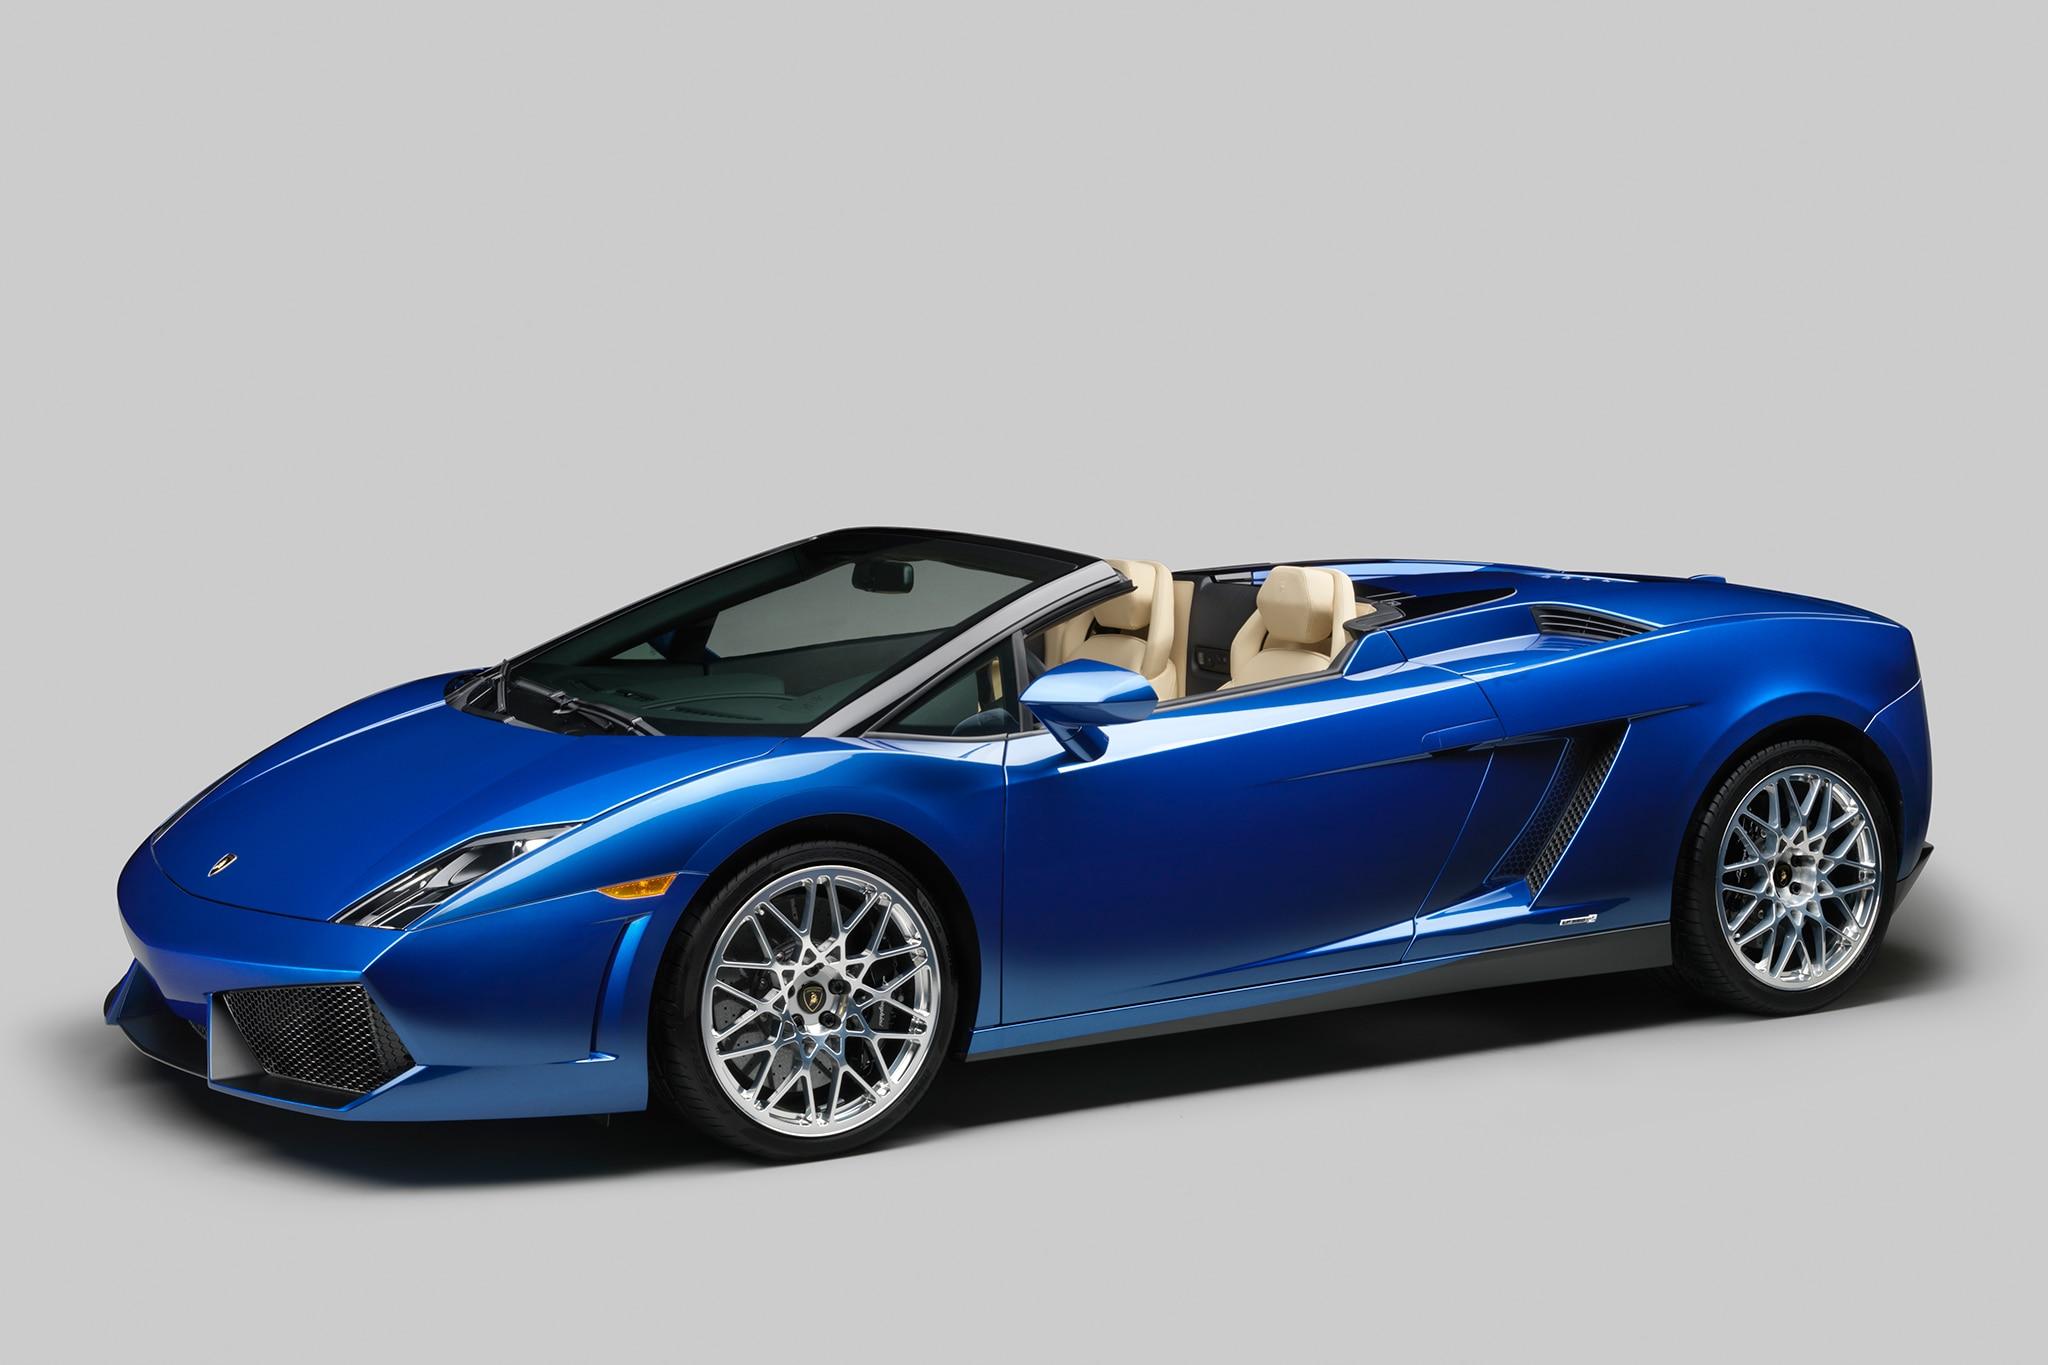 2014 Lamborghini Gallardo LP 550 2 Spyder